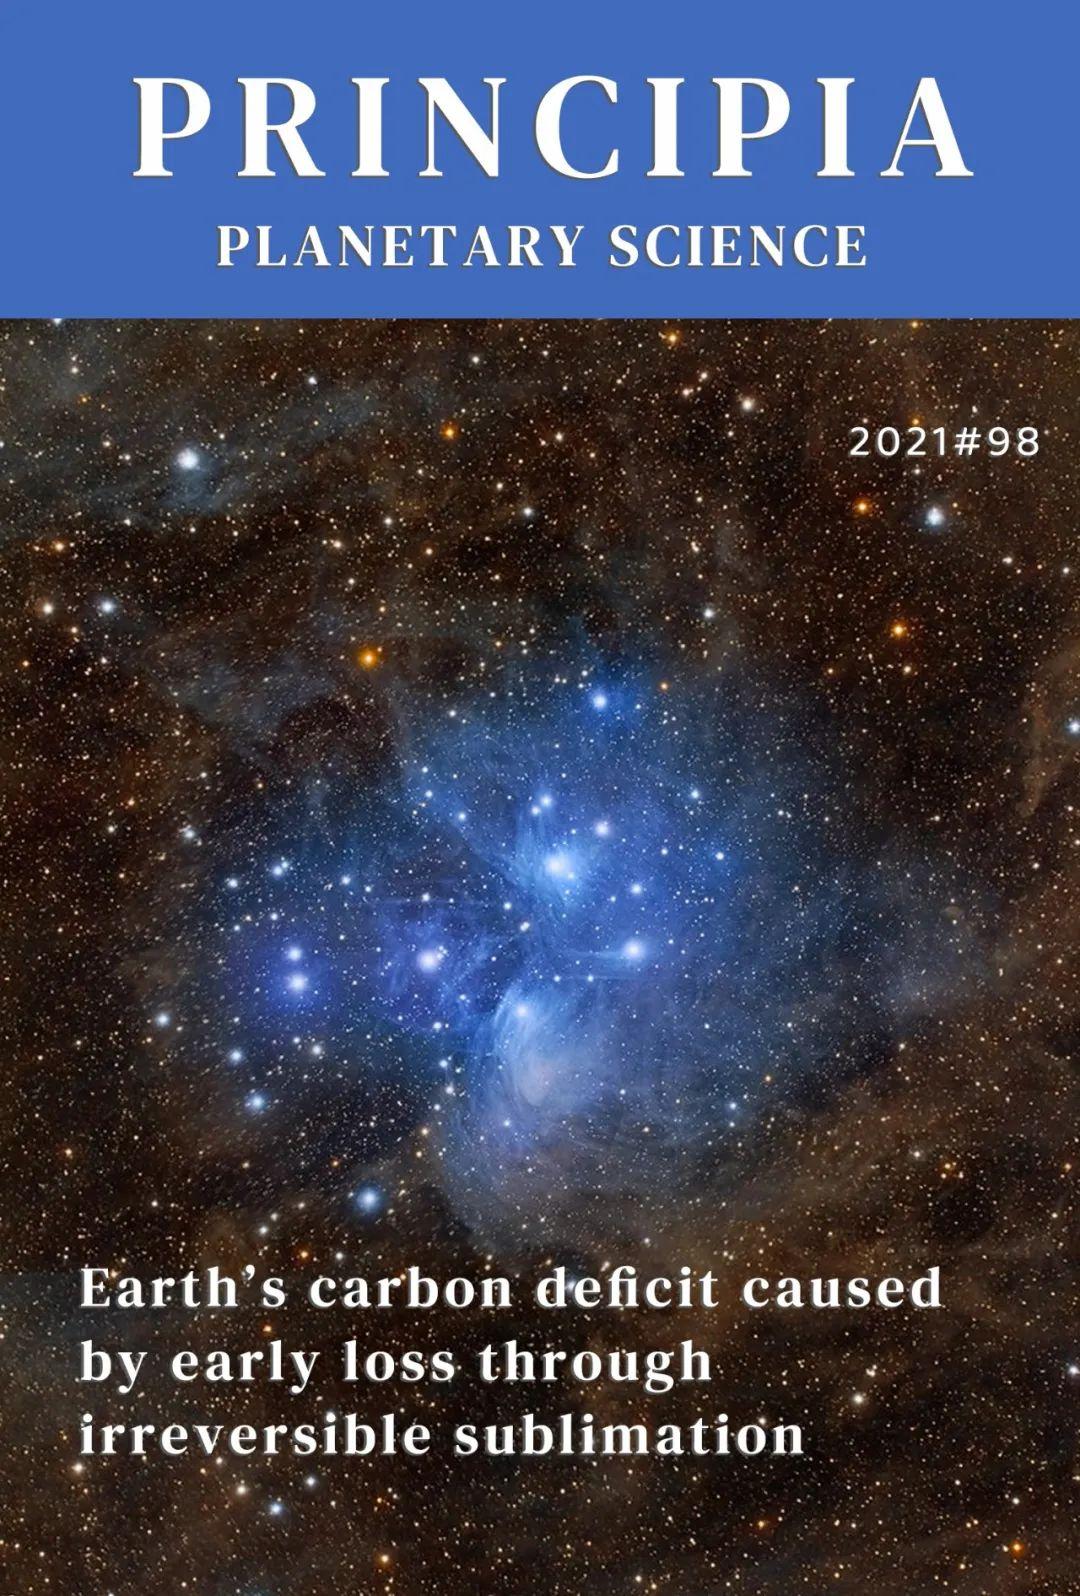 从星尘到暗淡蓝点:经过漫长星际旅行来到地球的碳